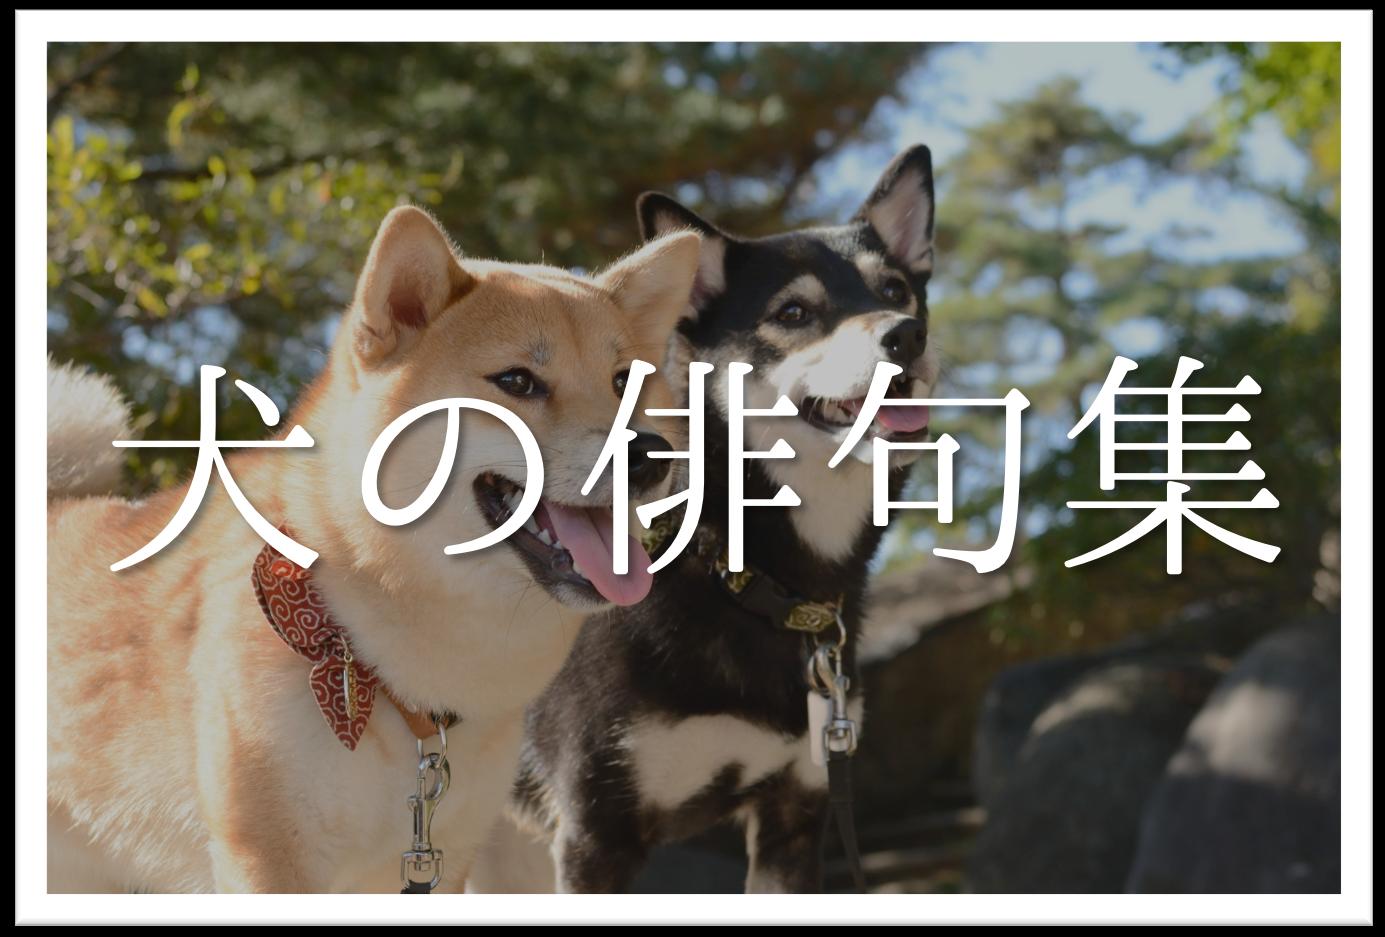 【犬をテーマに詠んだ俳句 20選】知っておきたい!!おすすめ有名&素人俳句を紹介!